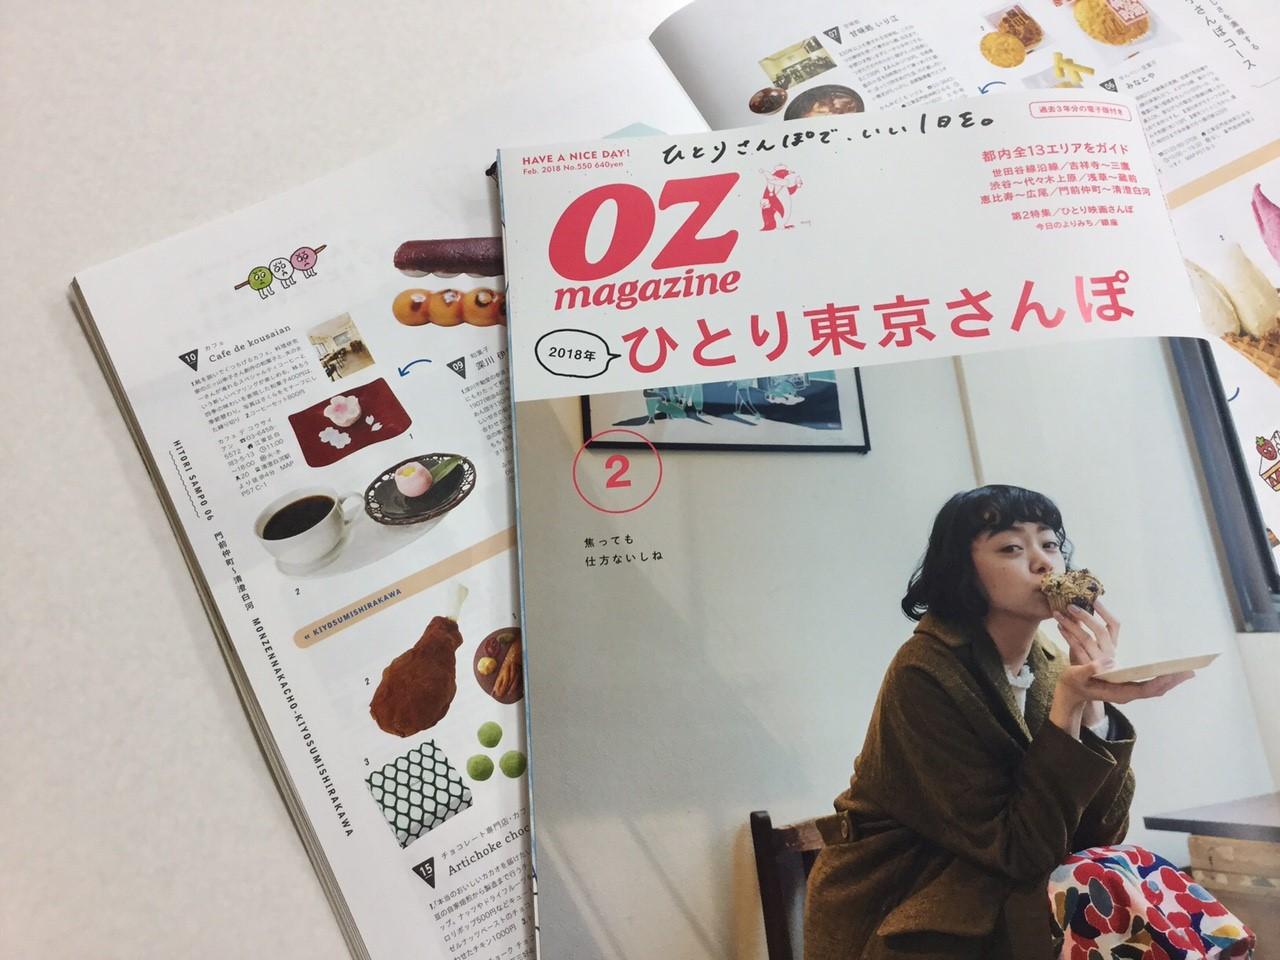 OZ magazine 2018年2月号 オズマガジン「2018年版 ひとり東京さんぽ」